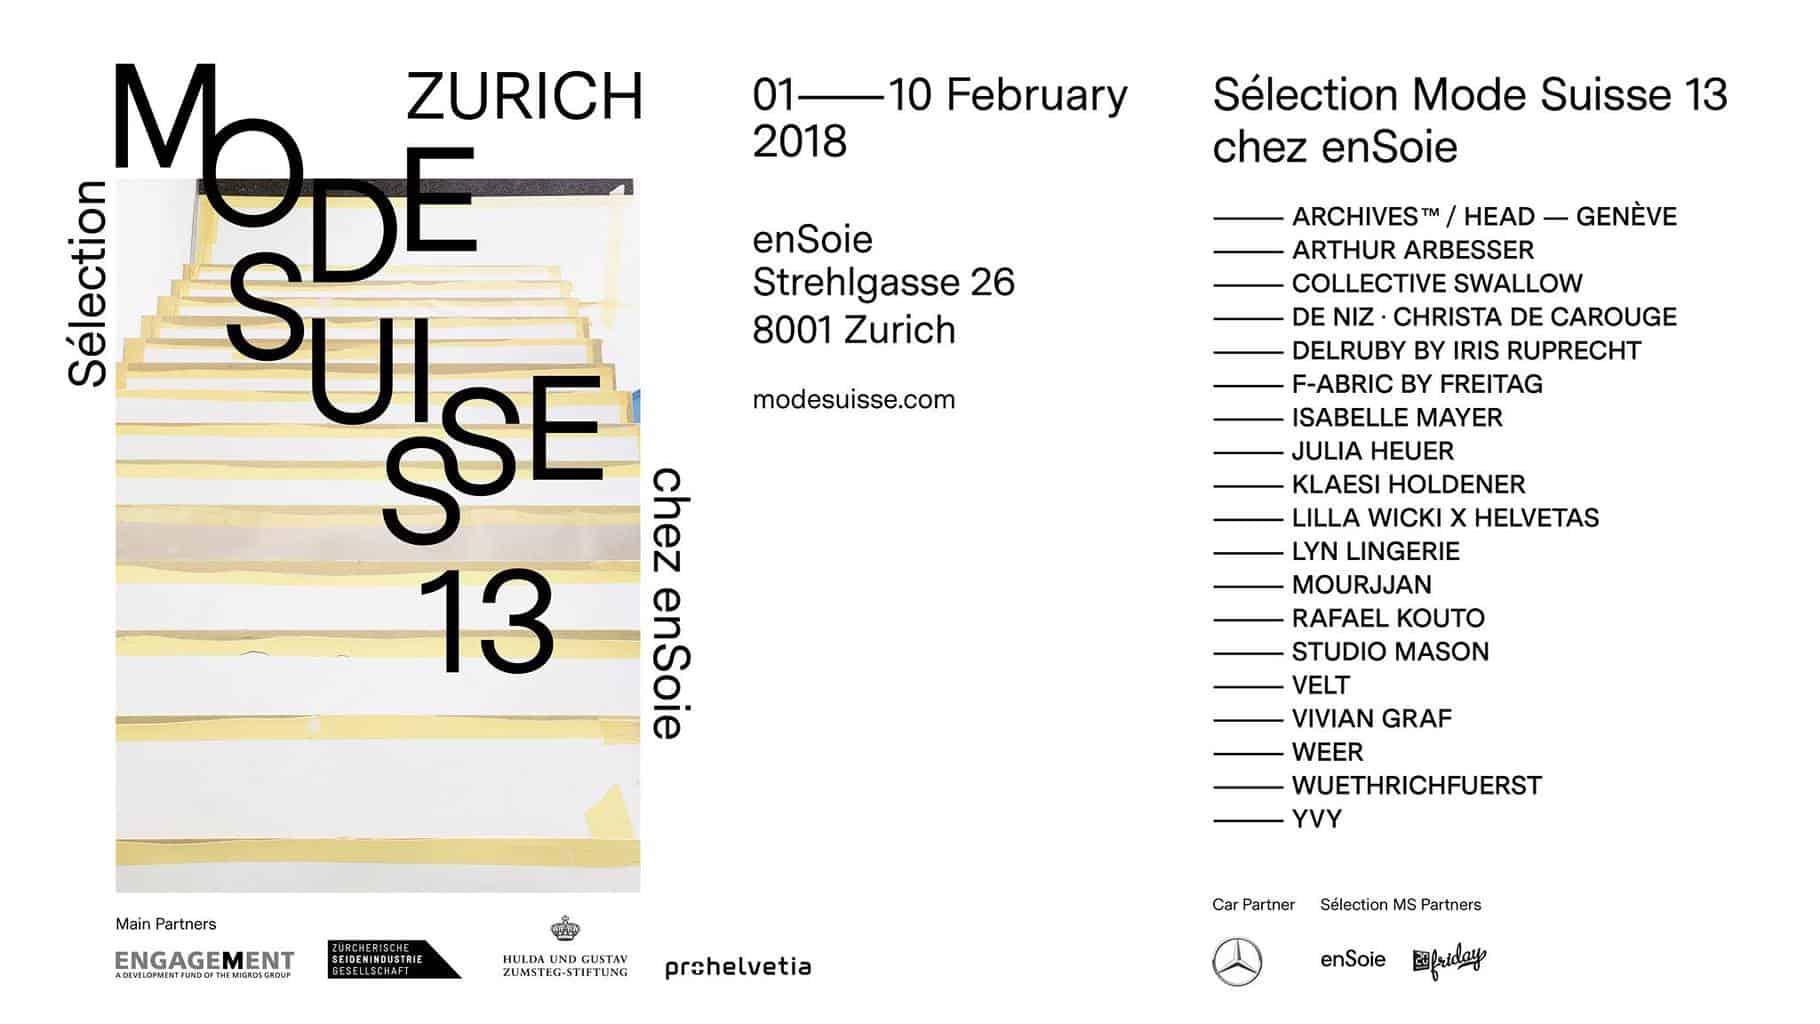 Mode Suisse Edition 13 Zurich